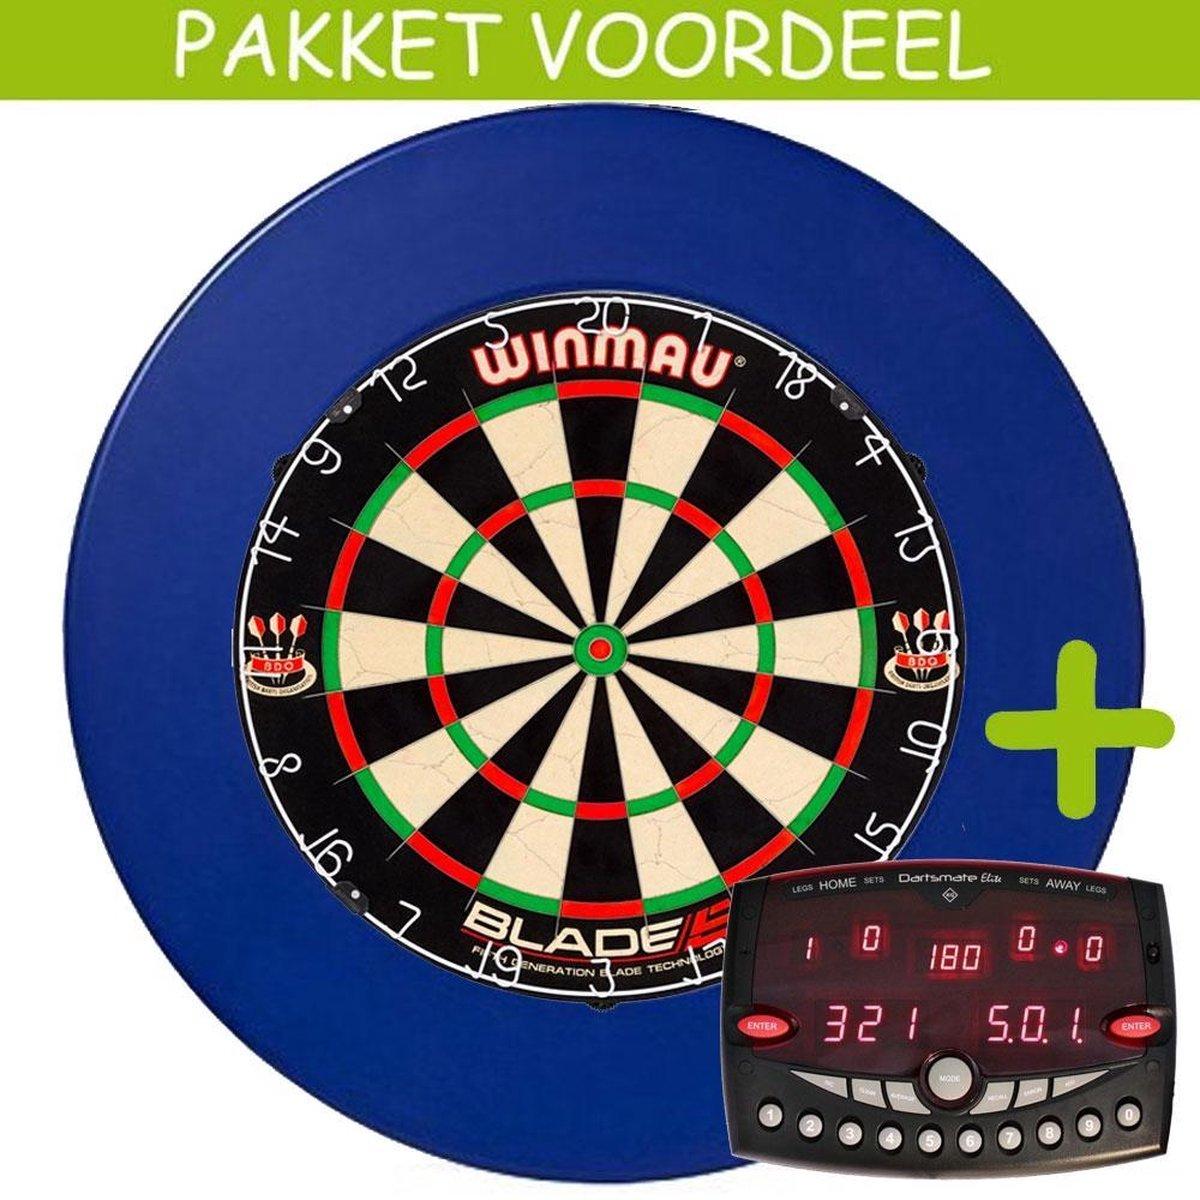 Elektronisch Dart Scorebord VoordeelPakket (Elite ) - Blade 5 - Rubberen Surround (Blauw)